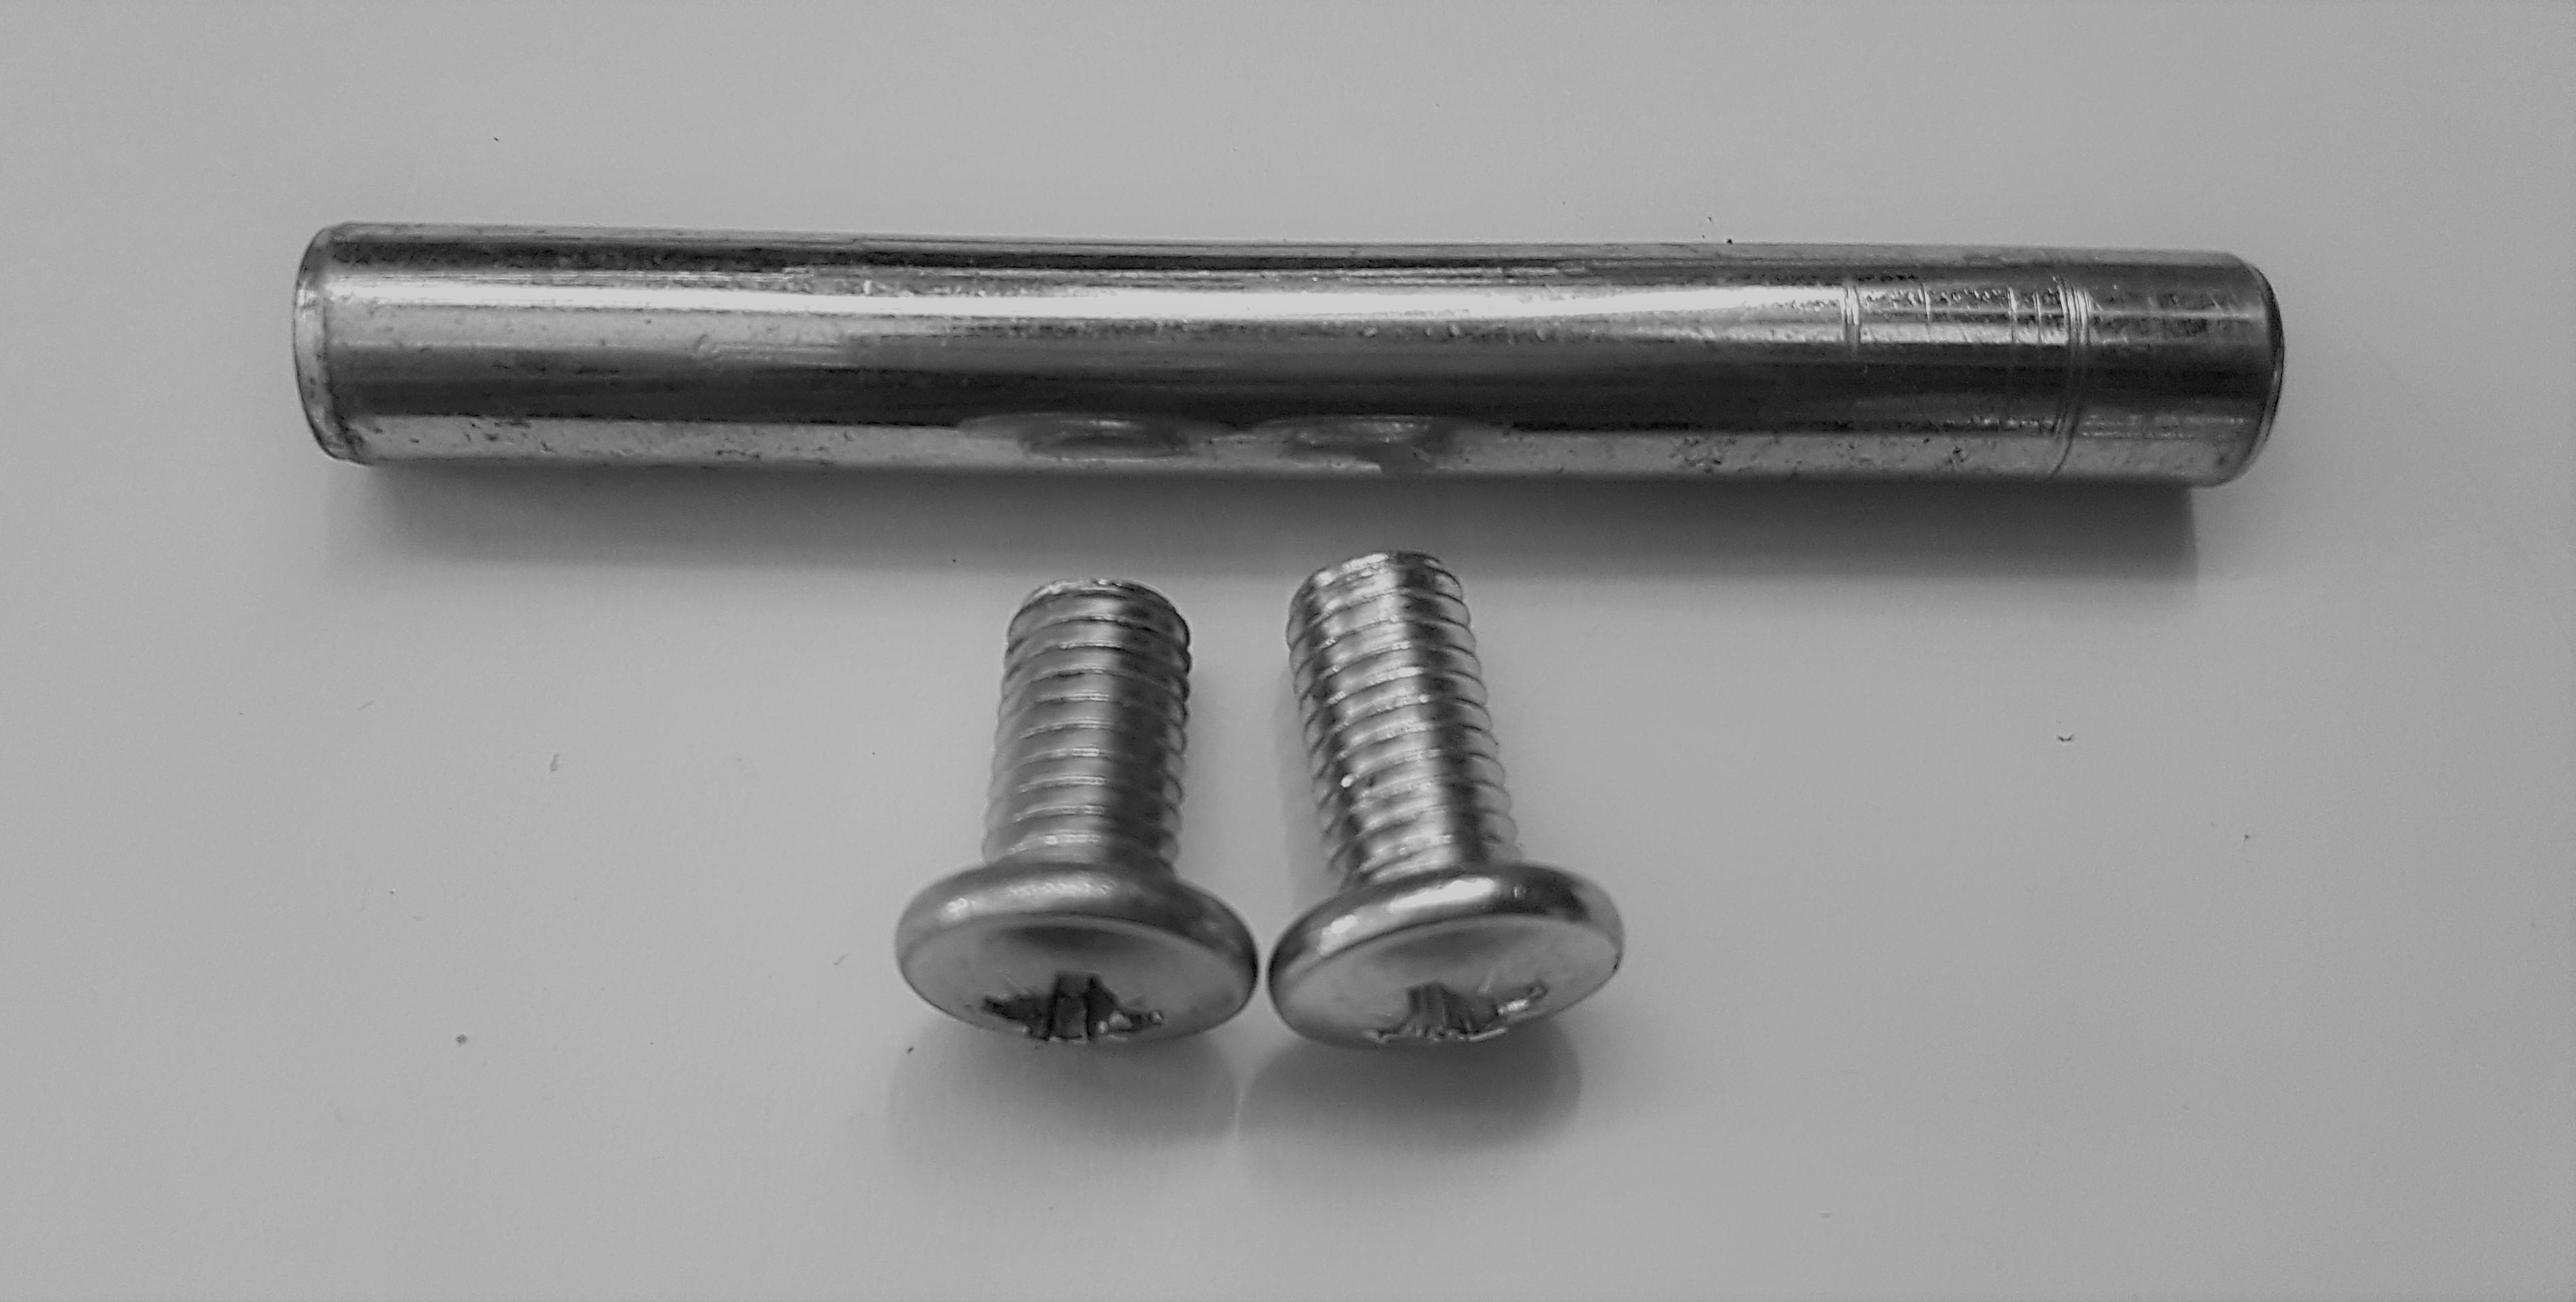 ND_středový čep do předního závěsu kola včetně šroubů M6 a protipovolovací podložky